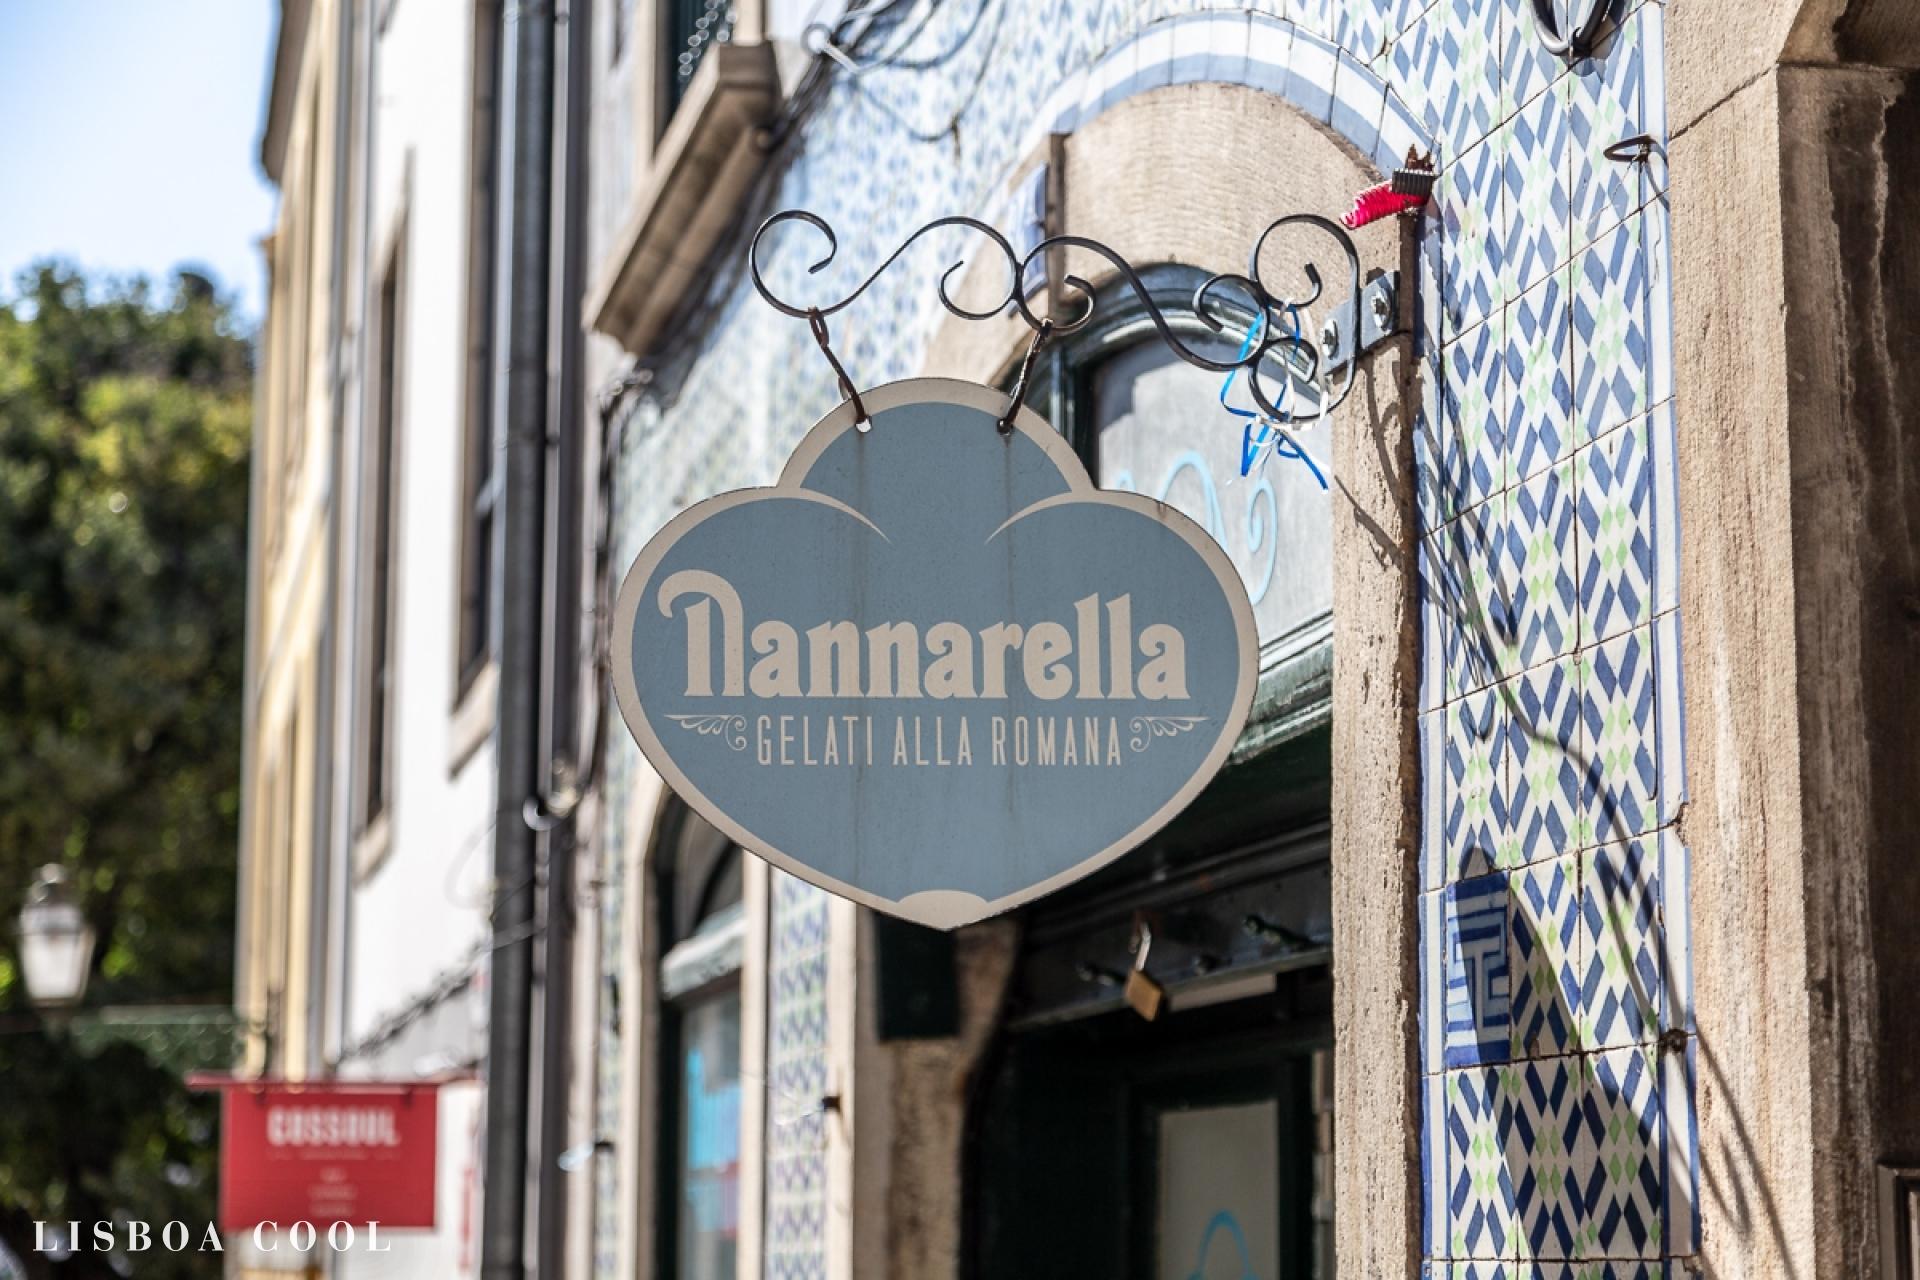 lisboa_cool_comer_gelataria_nannarella